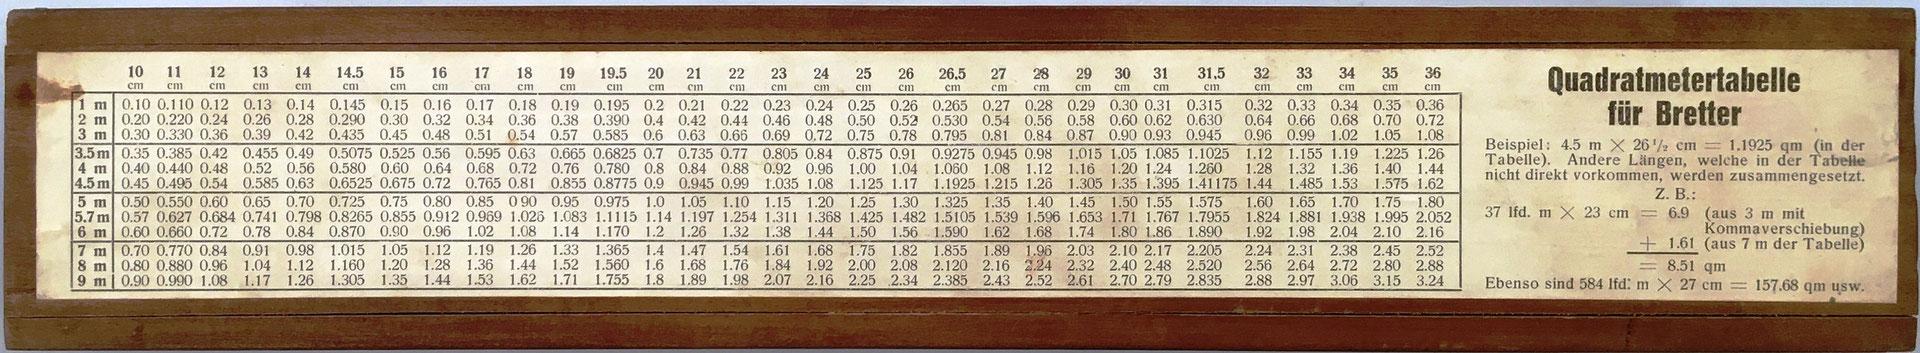 Instrucciones en la base del multilplicador CUBO, para tableros y vigas de madera